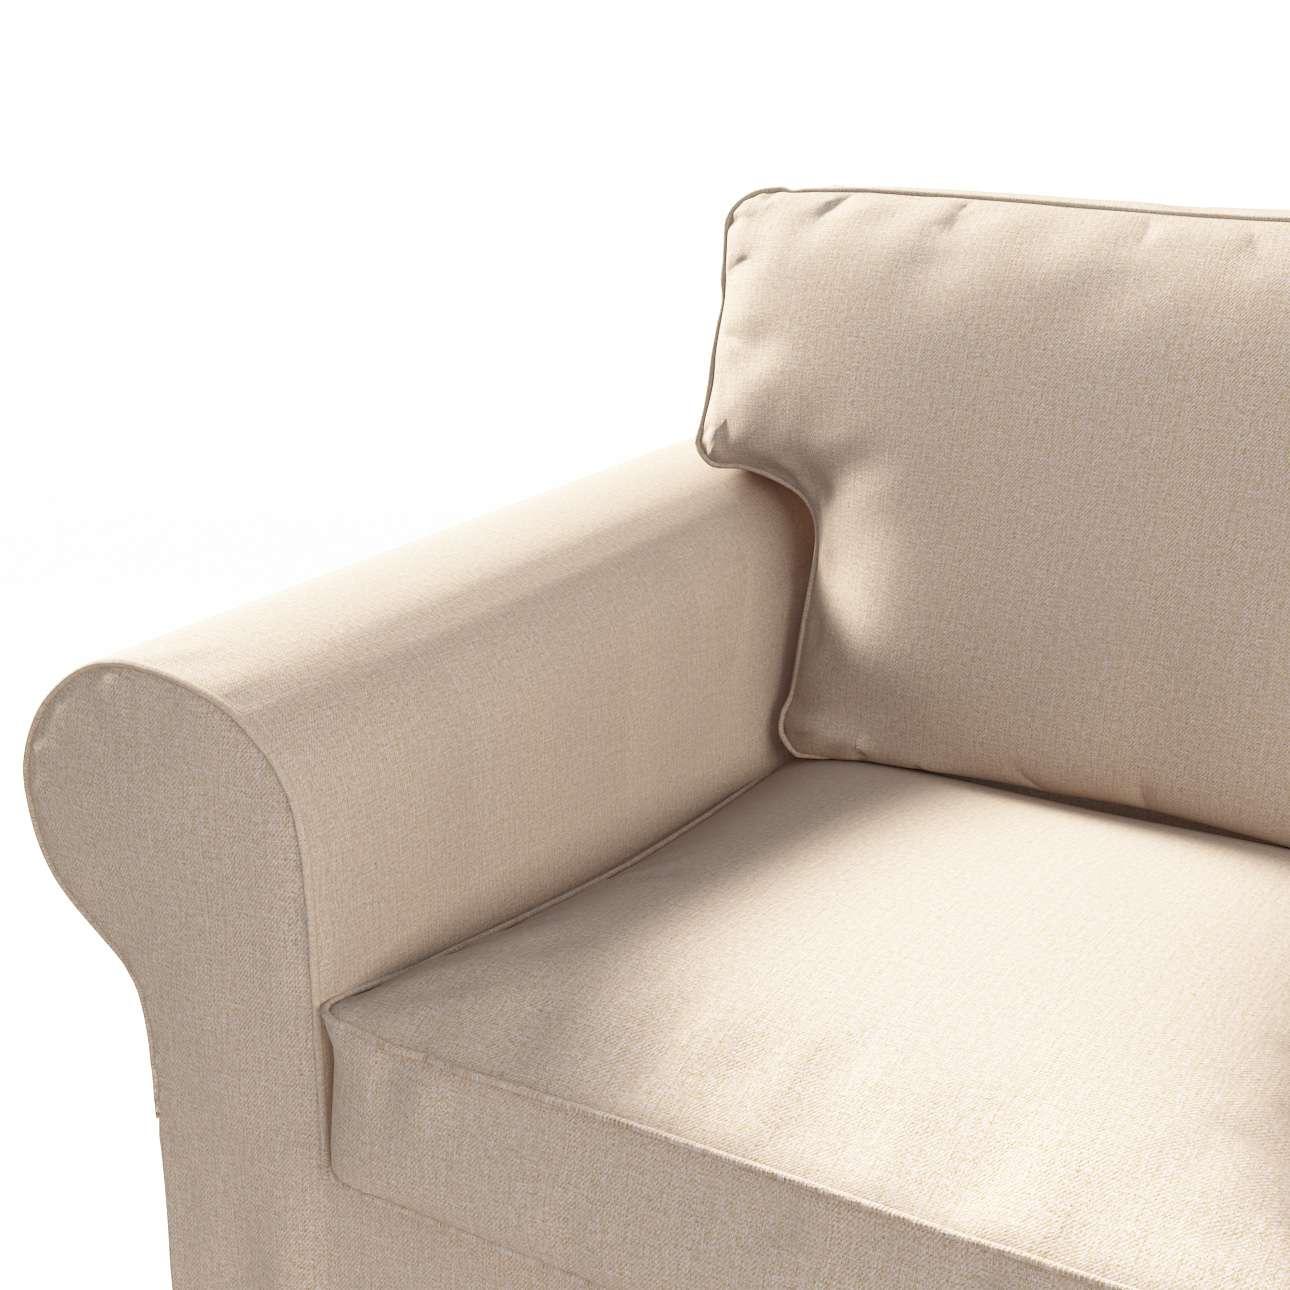 Ektorp 3-Sitzer Sofabezug nicht ausklappbar Sofabezug für  Ektorp 3-Sitzer nicht ausklappbar von der Kollektion Edinburgh , Stoff: 115-78